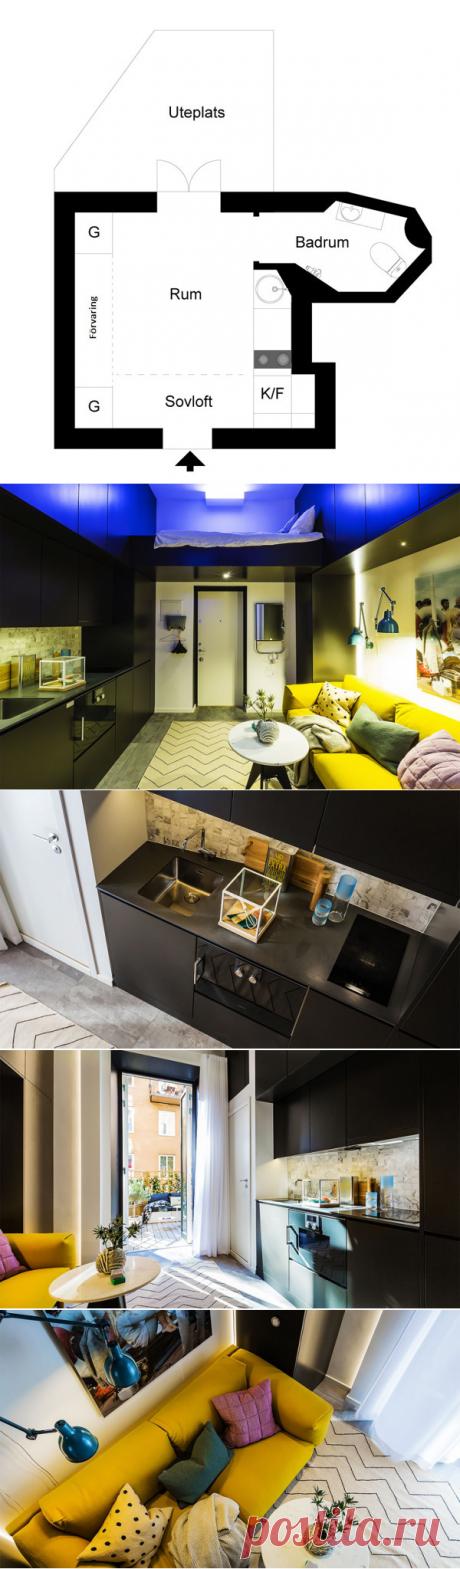 Нереально маленькая квартира в Швеции (16 кв. м)   Пример маленького жилья